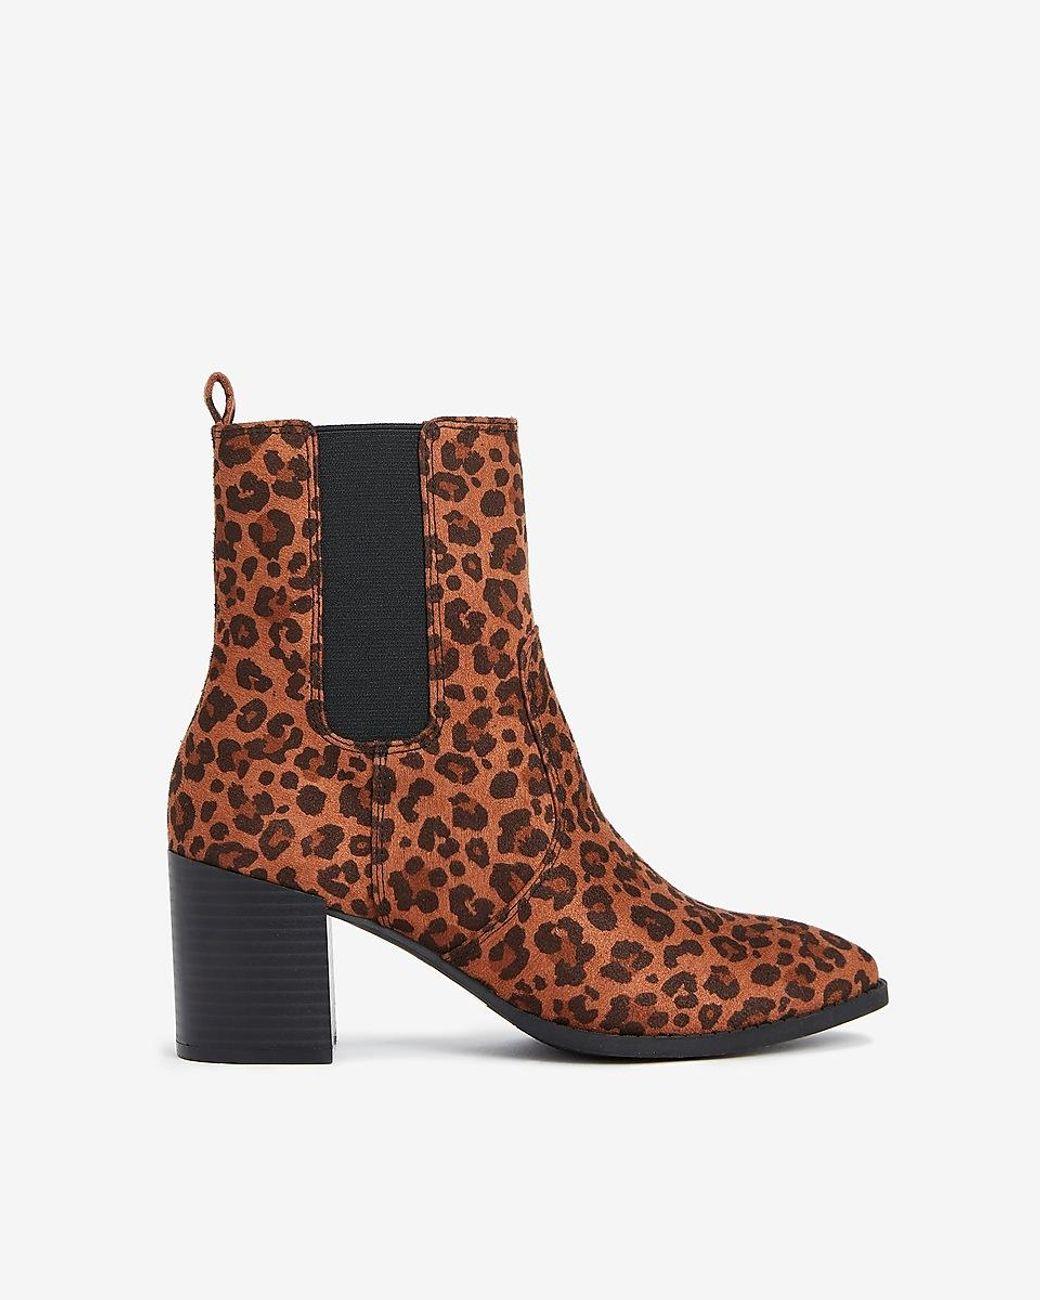 Brooklyn Boots Black